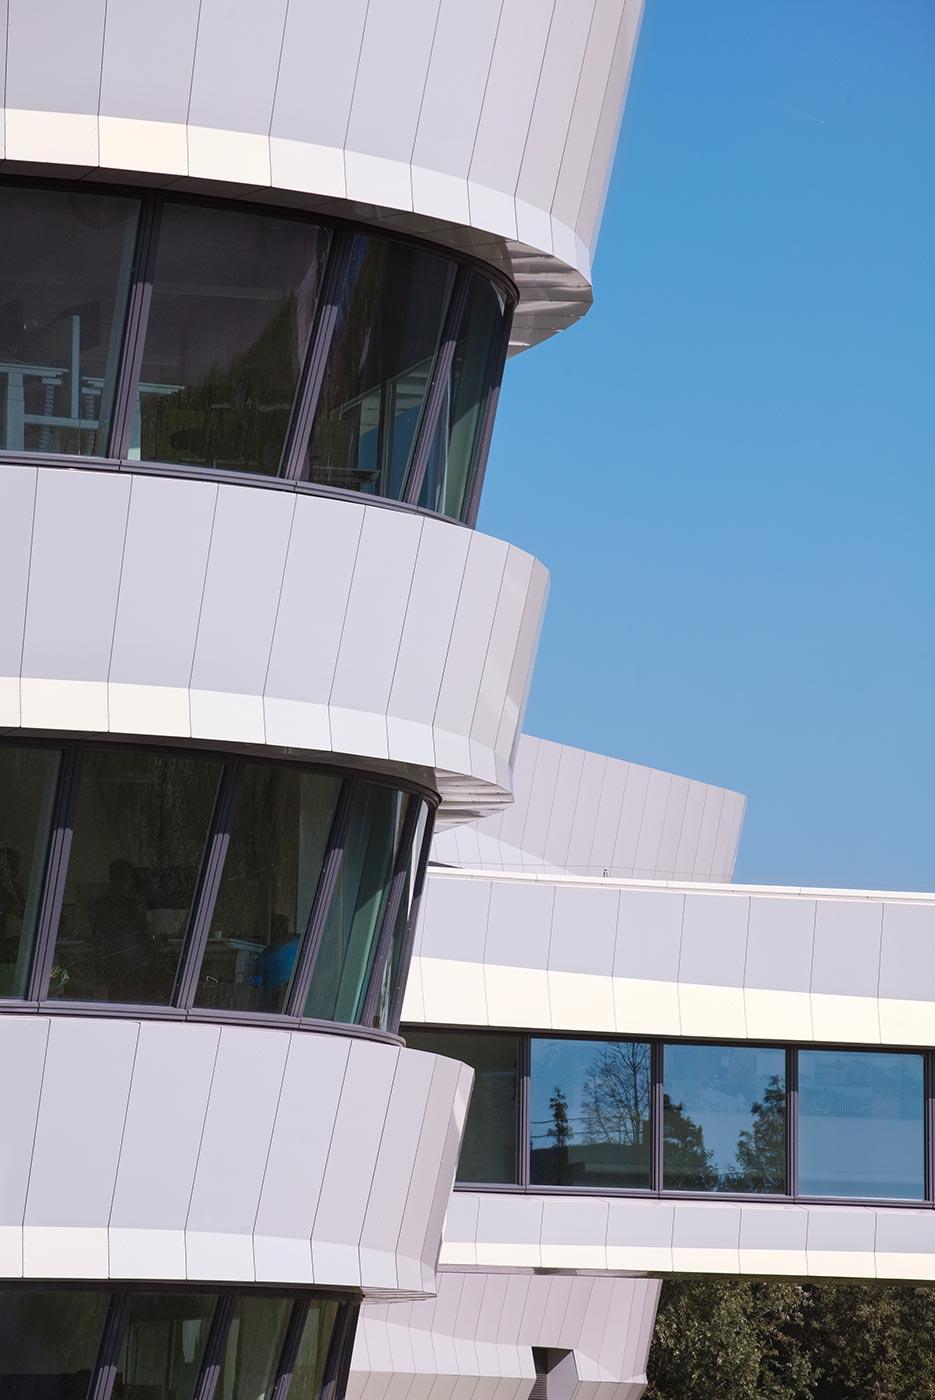 Edificio-Deltares.-Delft-Holanda.-larson-HOLO-white-Gold-1_1592388451.jpg